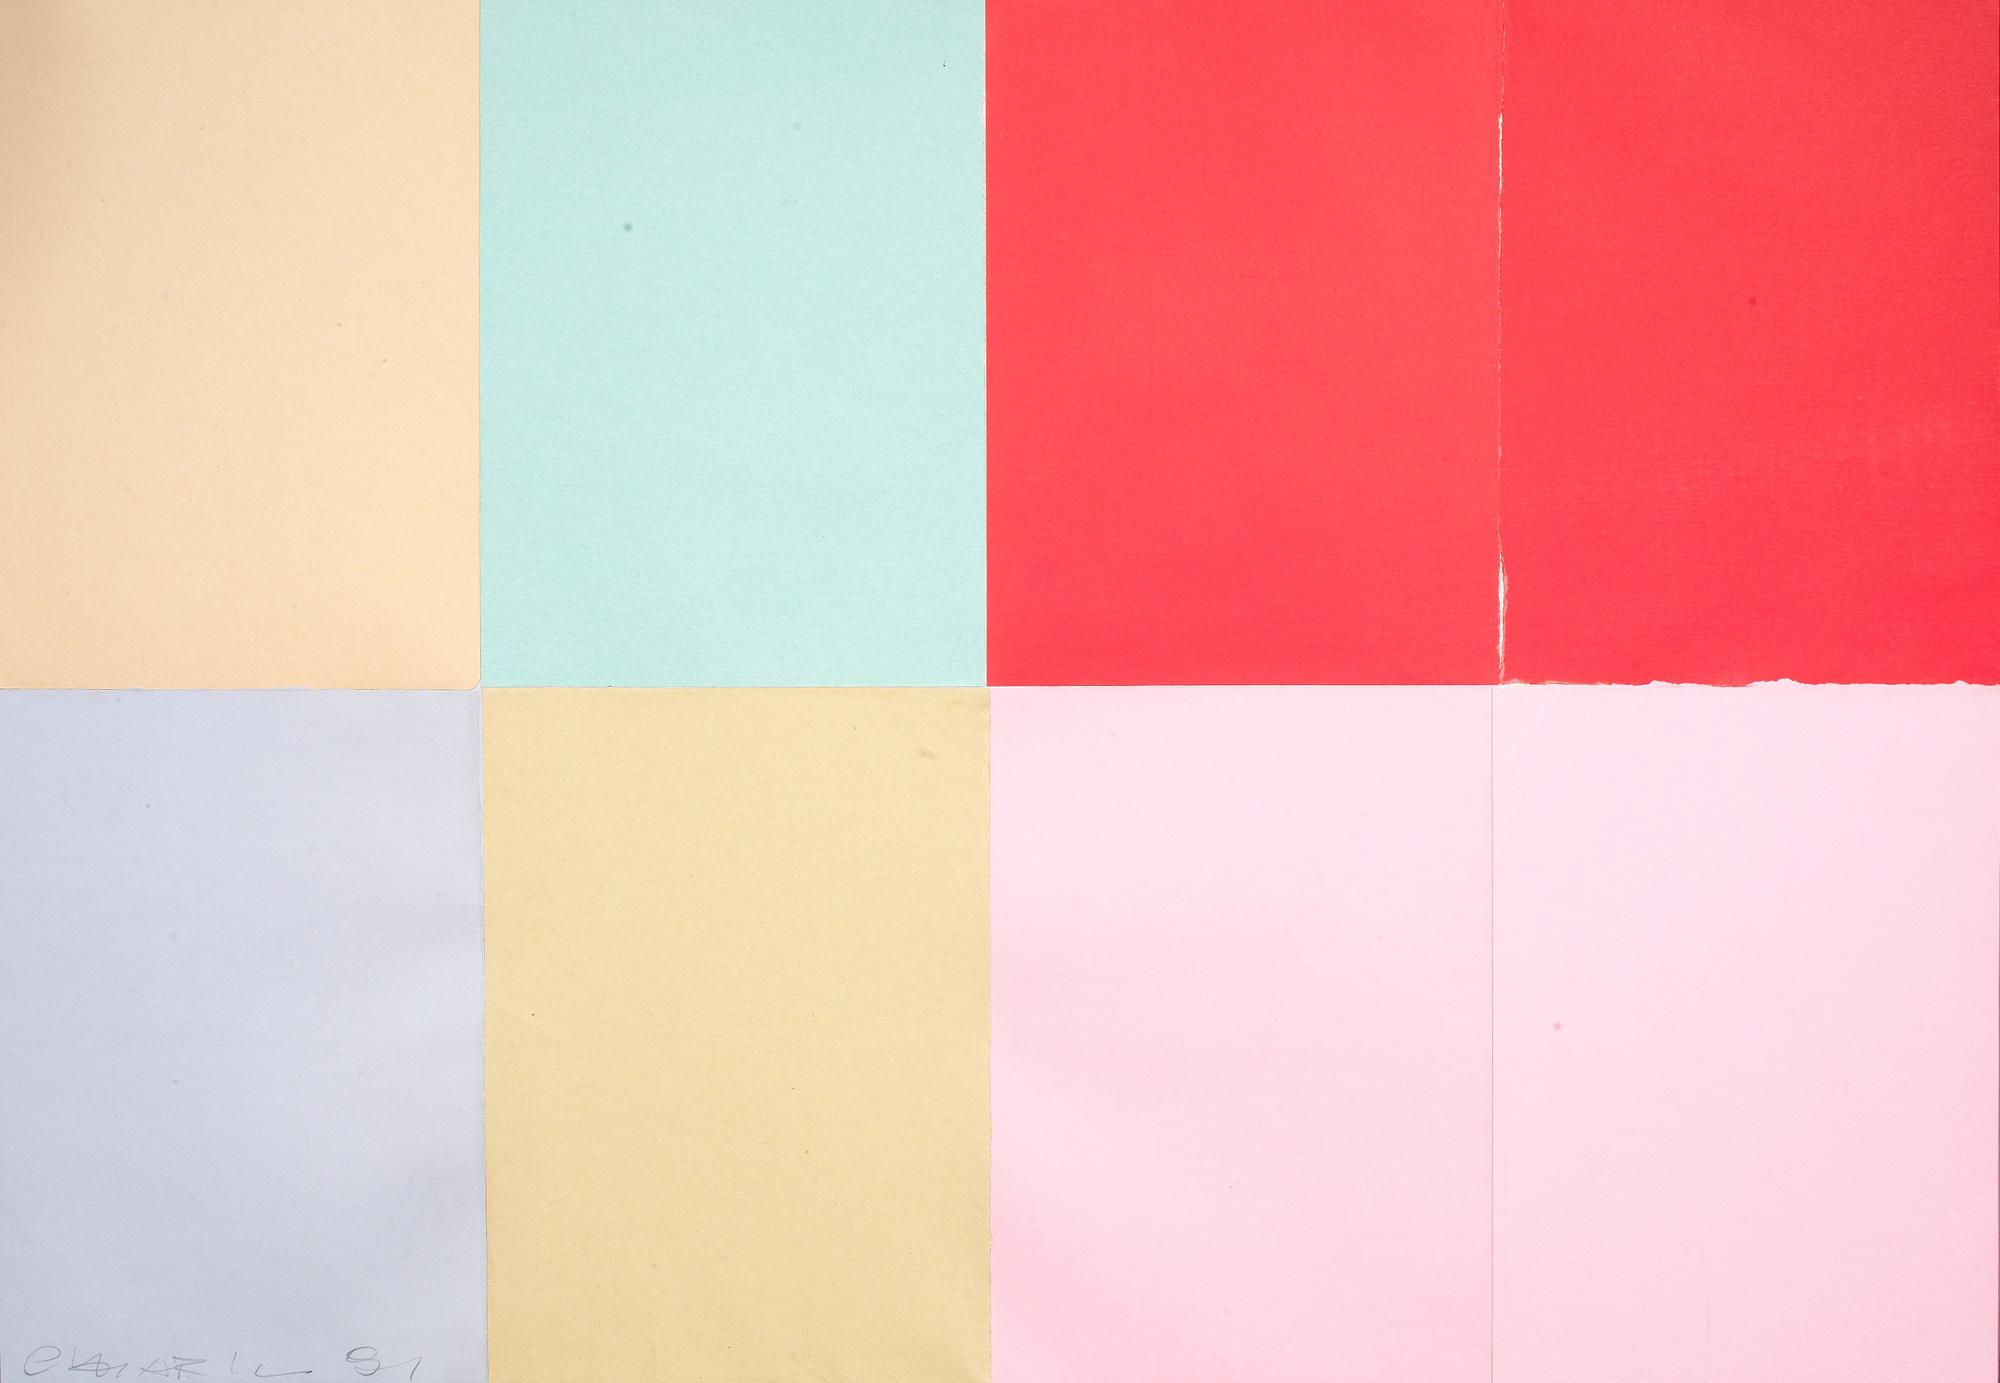 Giuseppe Chiari, 'Collage 8 carte,' 1981, collage su tela, cm 70 x 100, Courtesy Tornabuoni Art